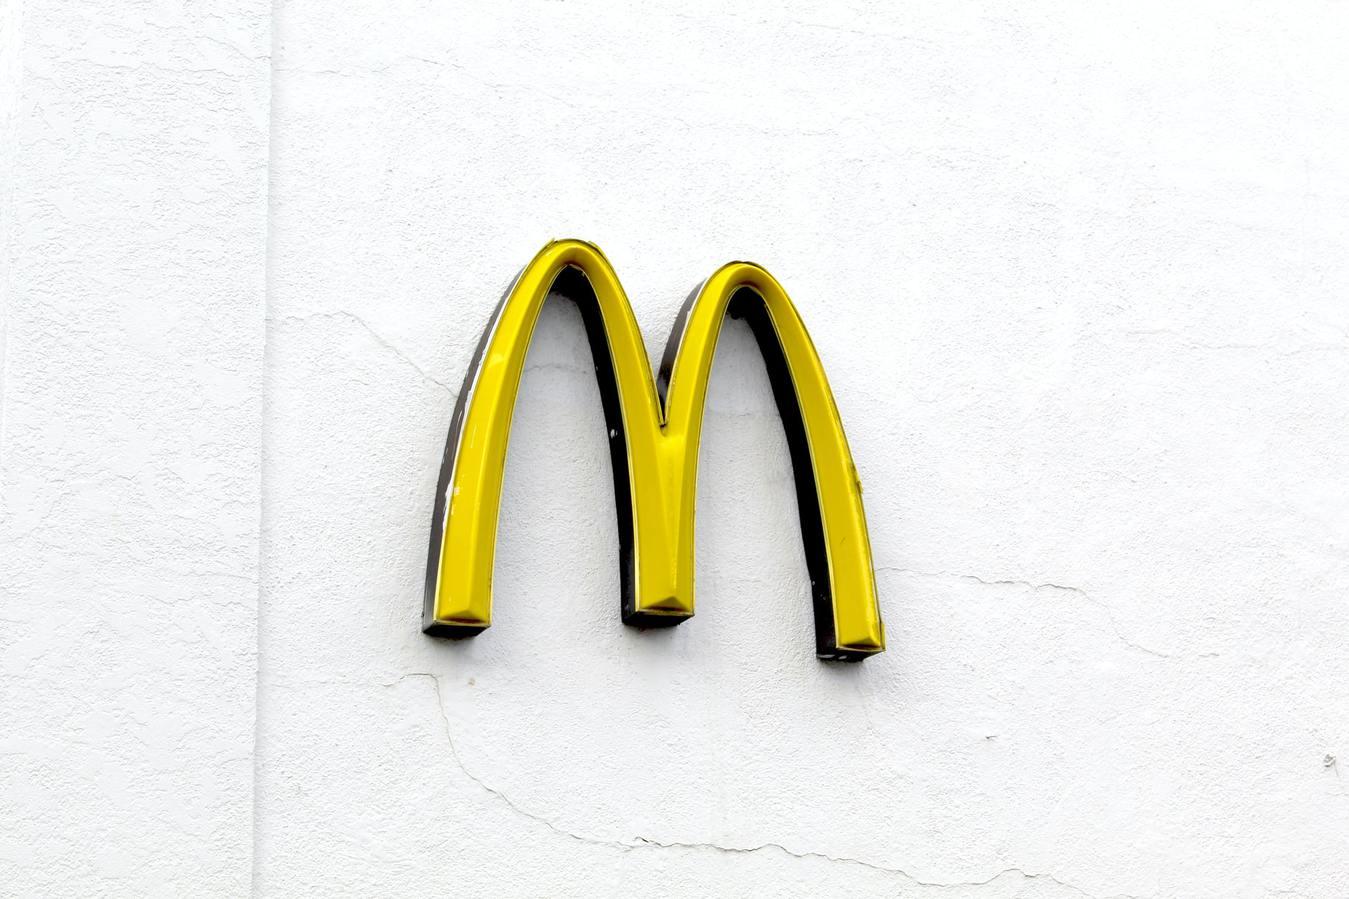 Arcos dourados do McDonalds sobre fundo branco